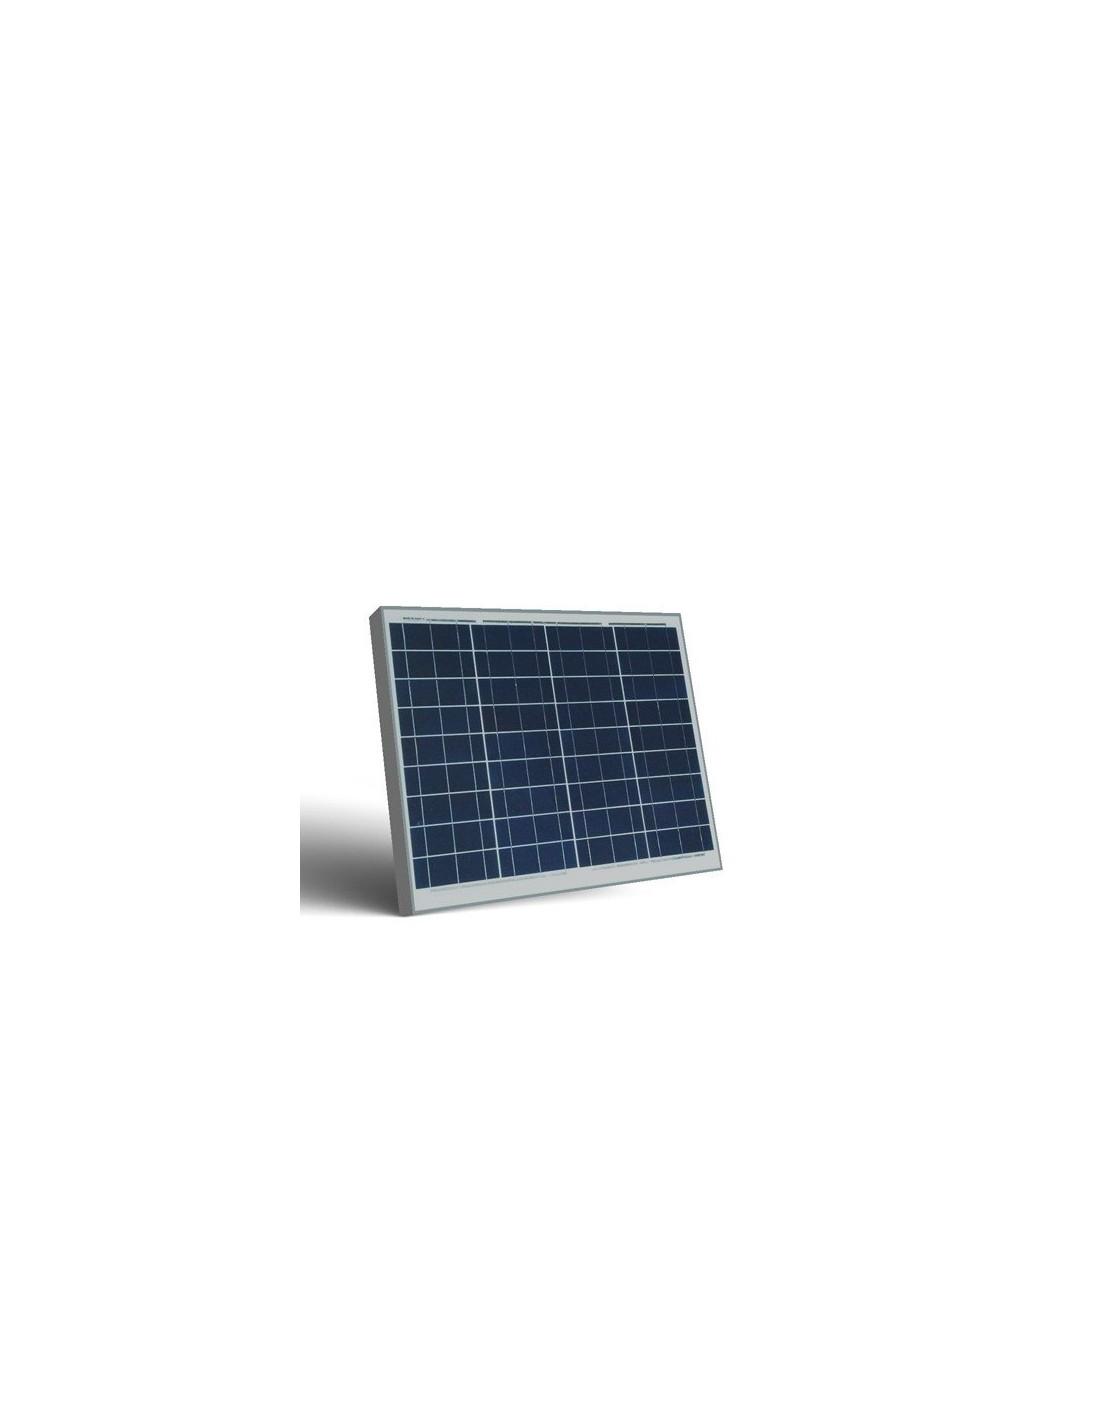 Kit Regolatore Di Carica Pannello Solare : Kit solare irrigazione l m v pannello regolatore